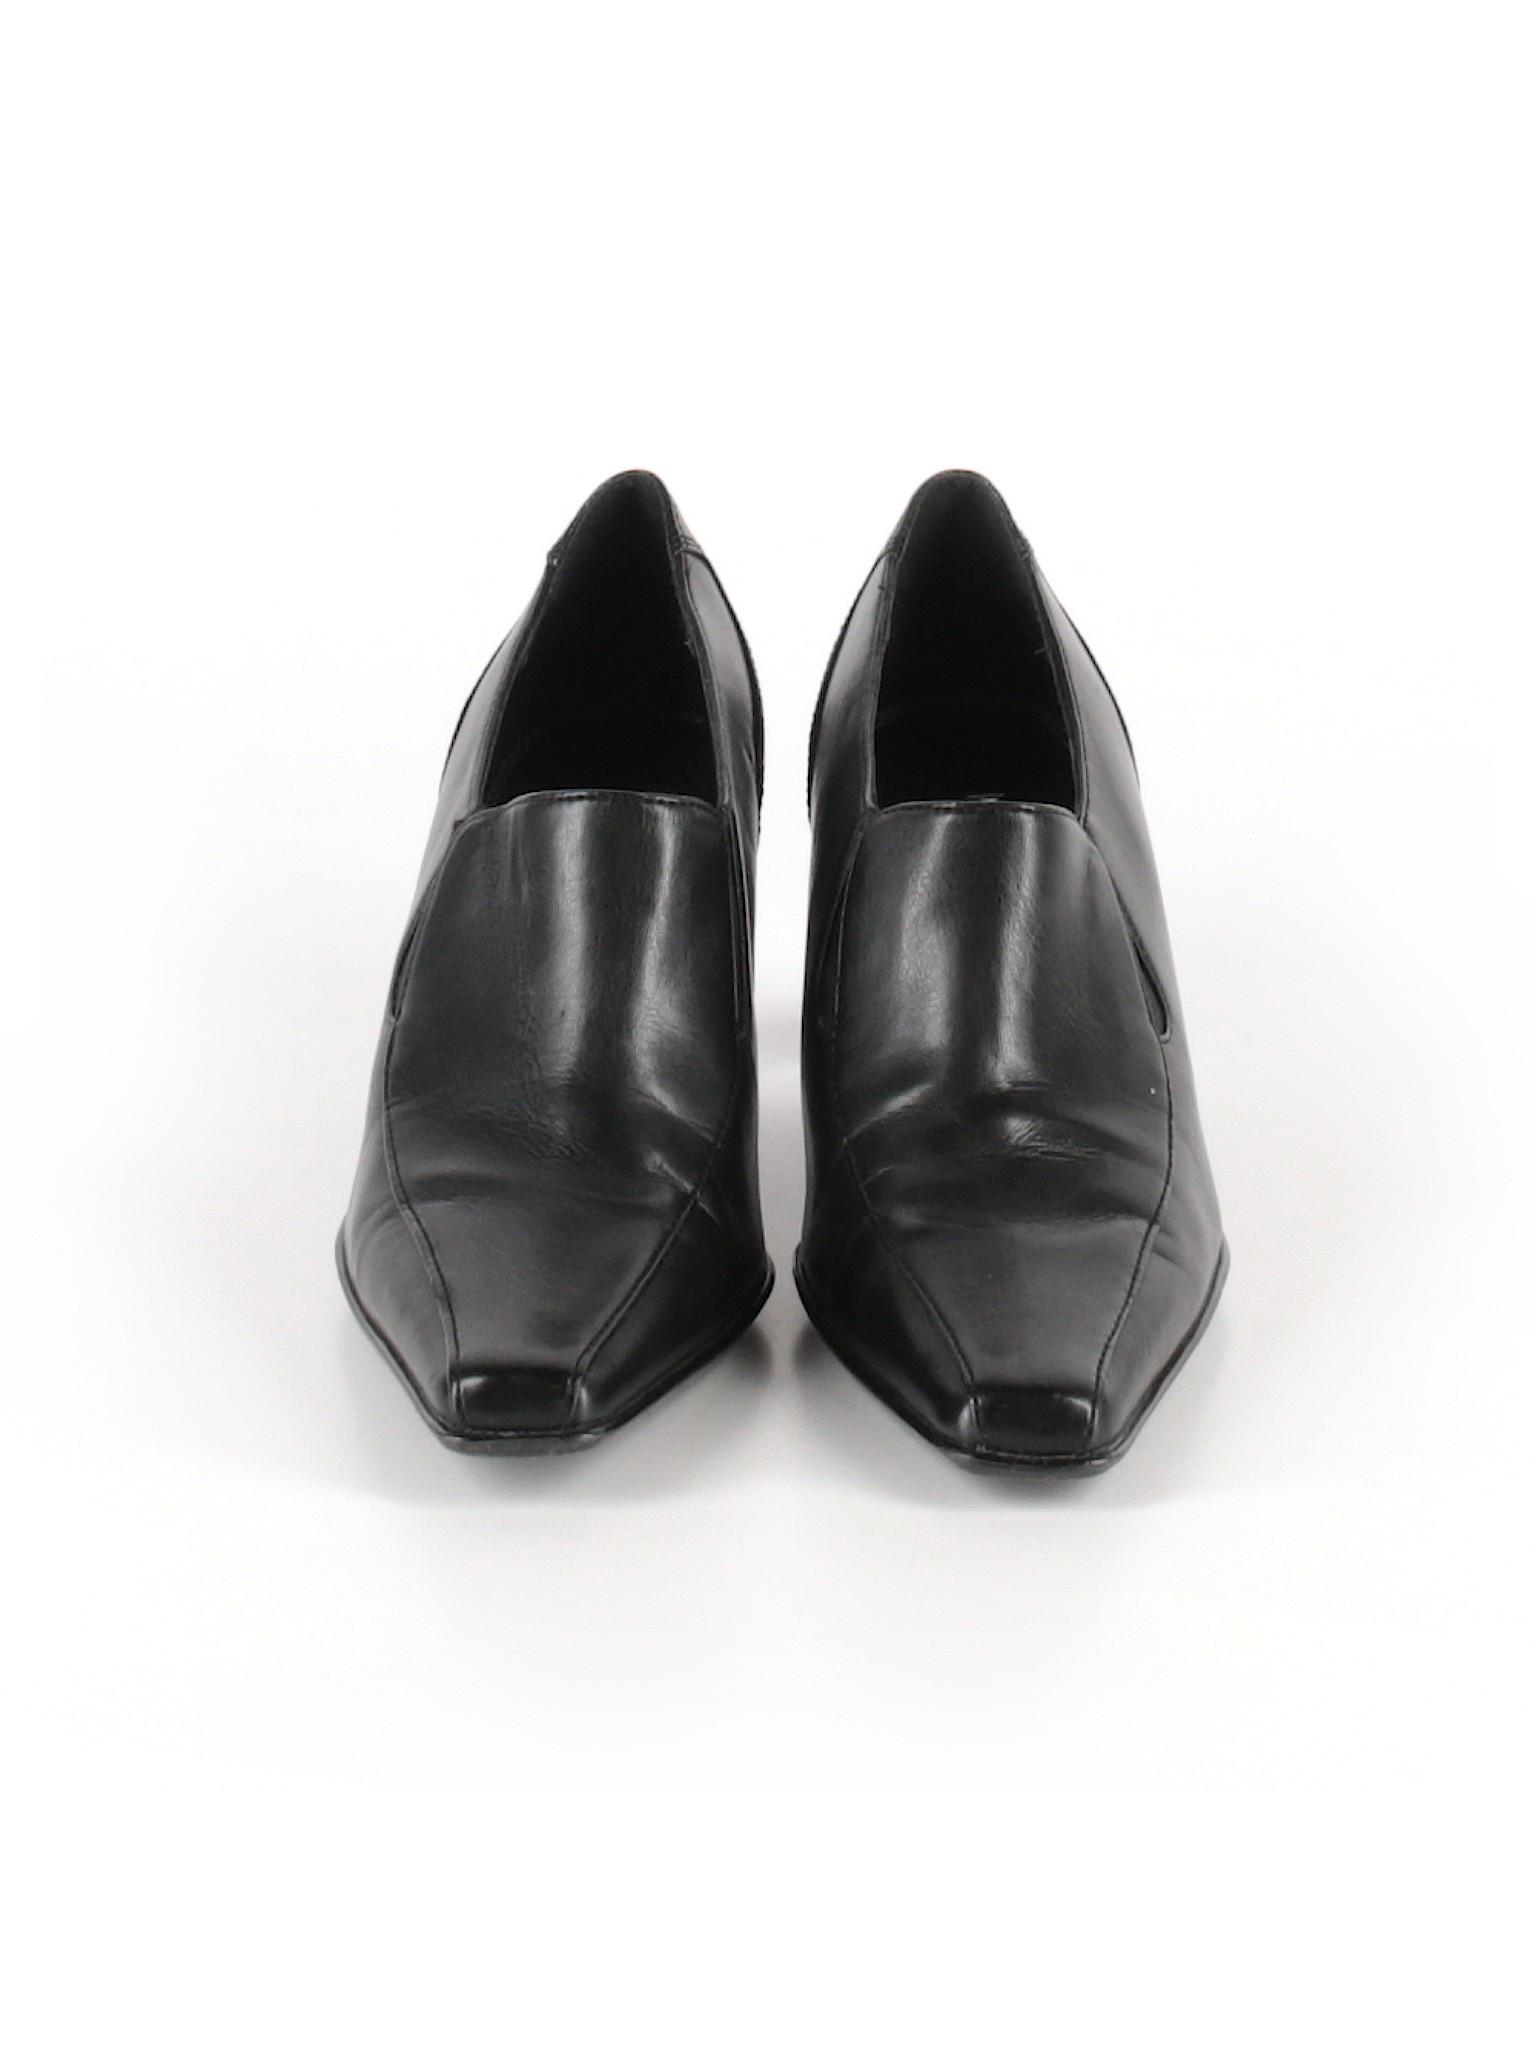 Boutique promotion Claiborne Claiborne Heels Liz Heels Heels Boutique Claiborne Boutique promotion Liz Liz Boutique promotion 1STdCS